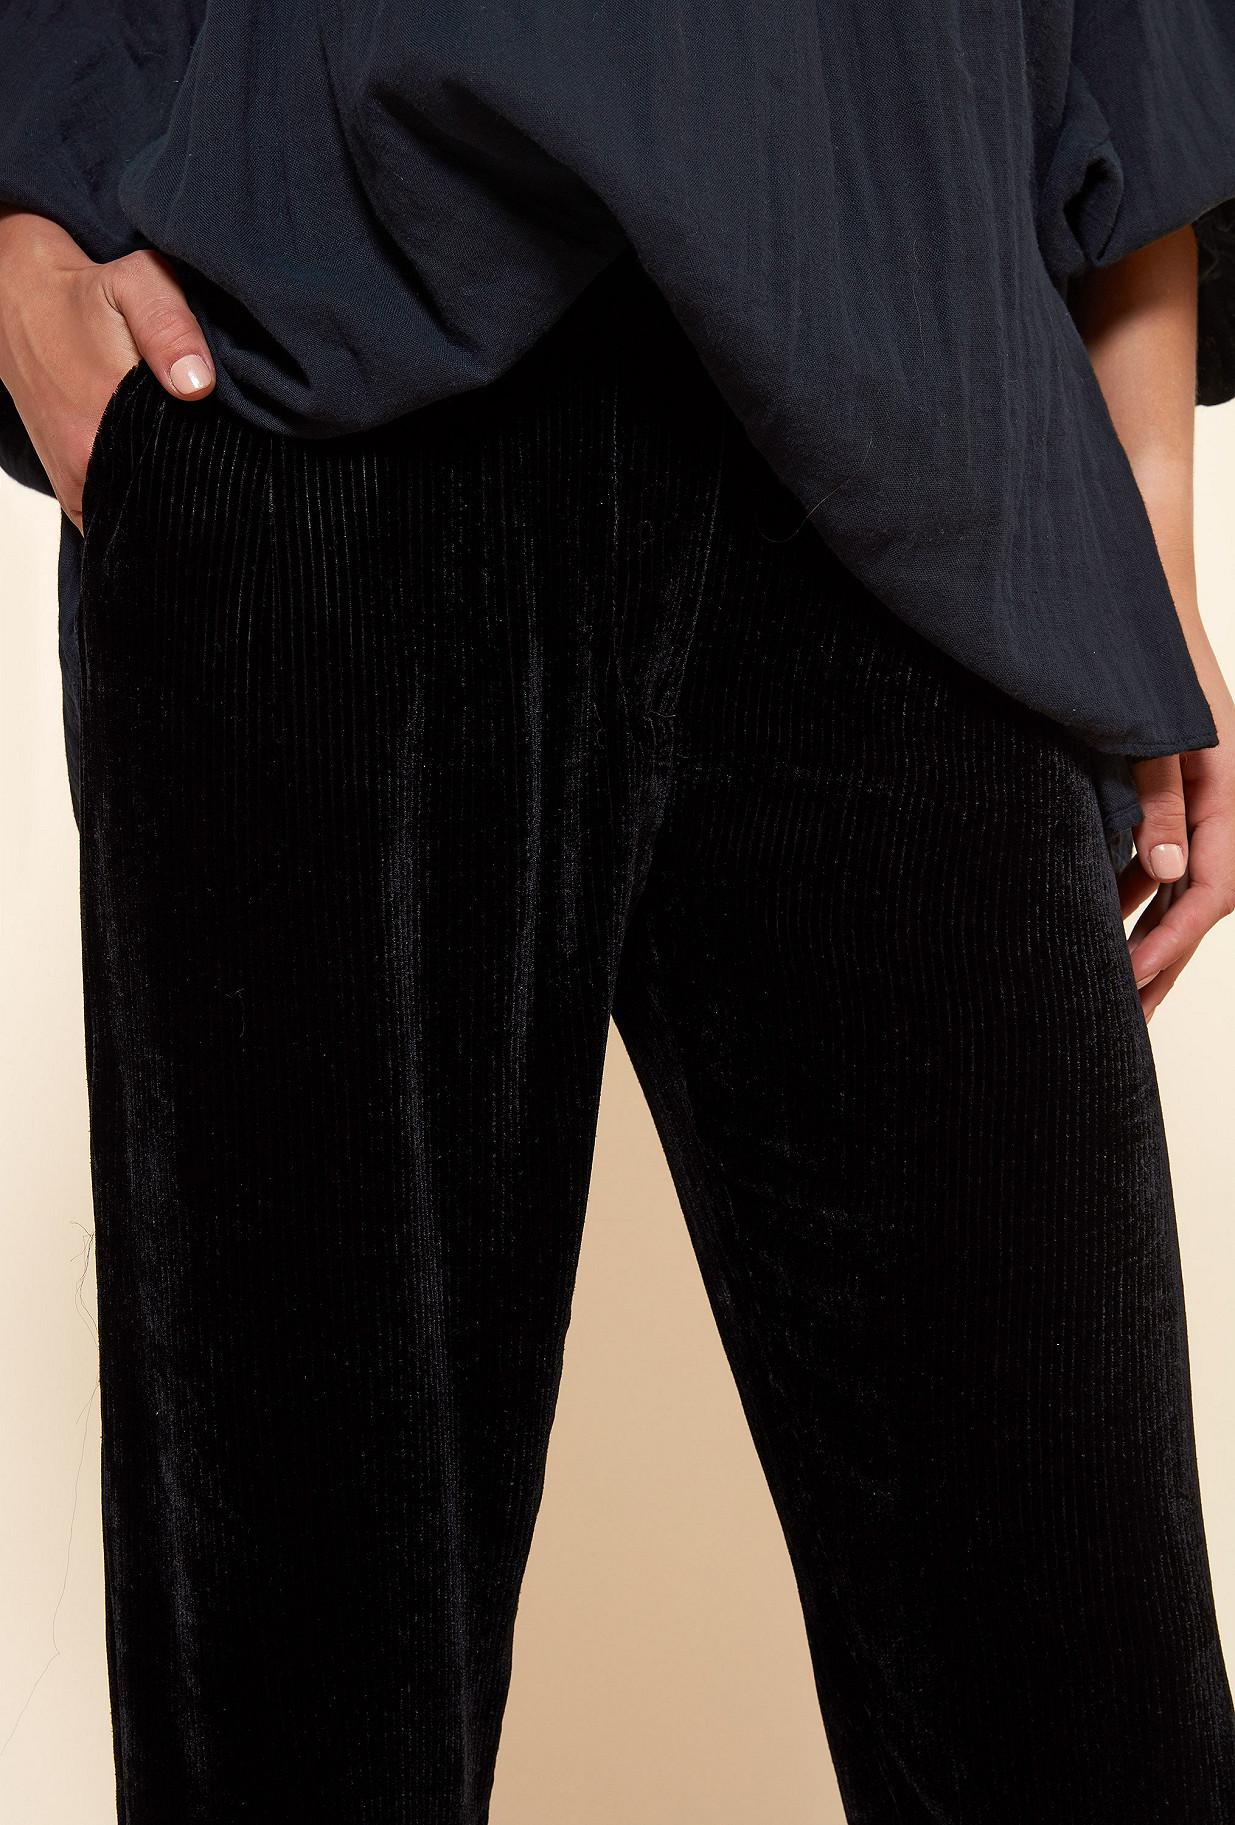 PANTALON Noir  Massimo mes demoiselles paris vêtement femme paris